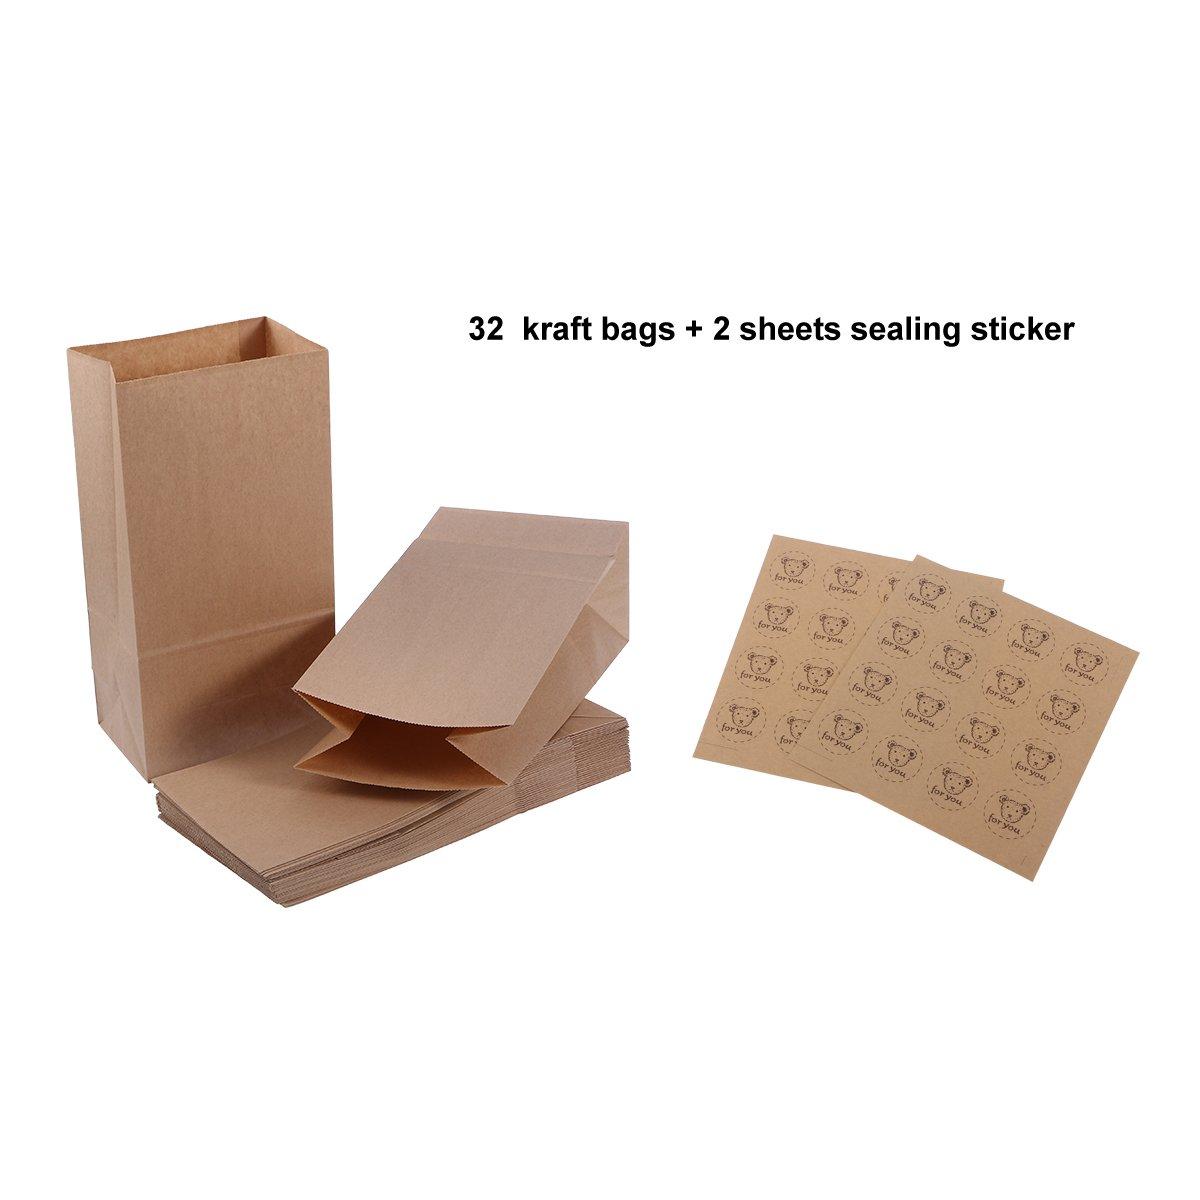 bbce745ad NUOLUX 32 pequeñas bolsas de papel kraft con suelo alimento favor de partido  70g con 2 etiquetas engomadas de lacre de la hoja: Amazon.es: Juguetes y  juegos